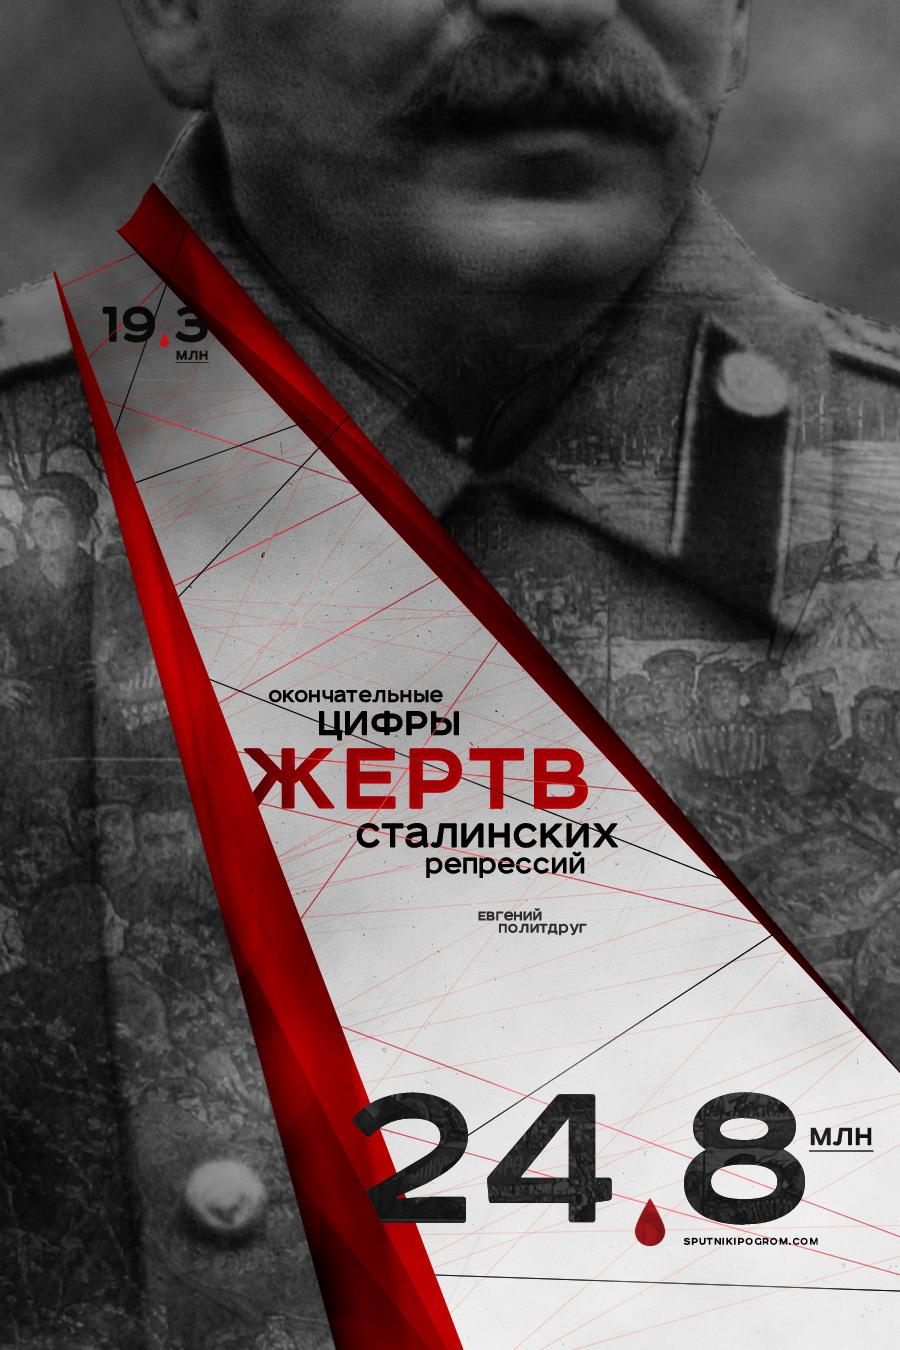 http://sputnikipogrom.com/wp-content/uploads/2015/04/repr-cover.jpg